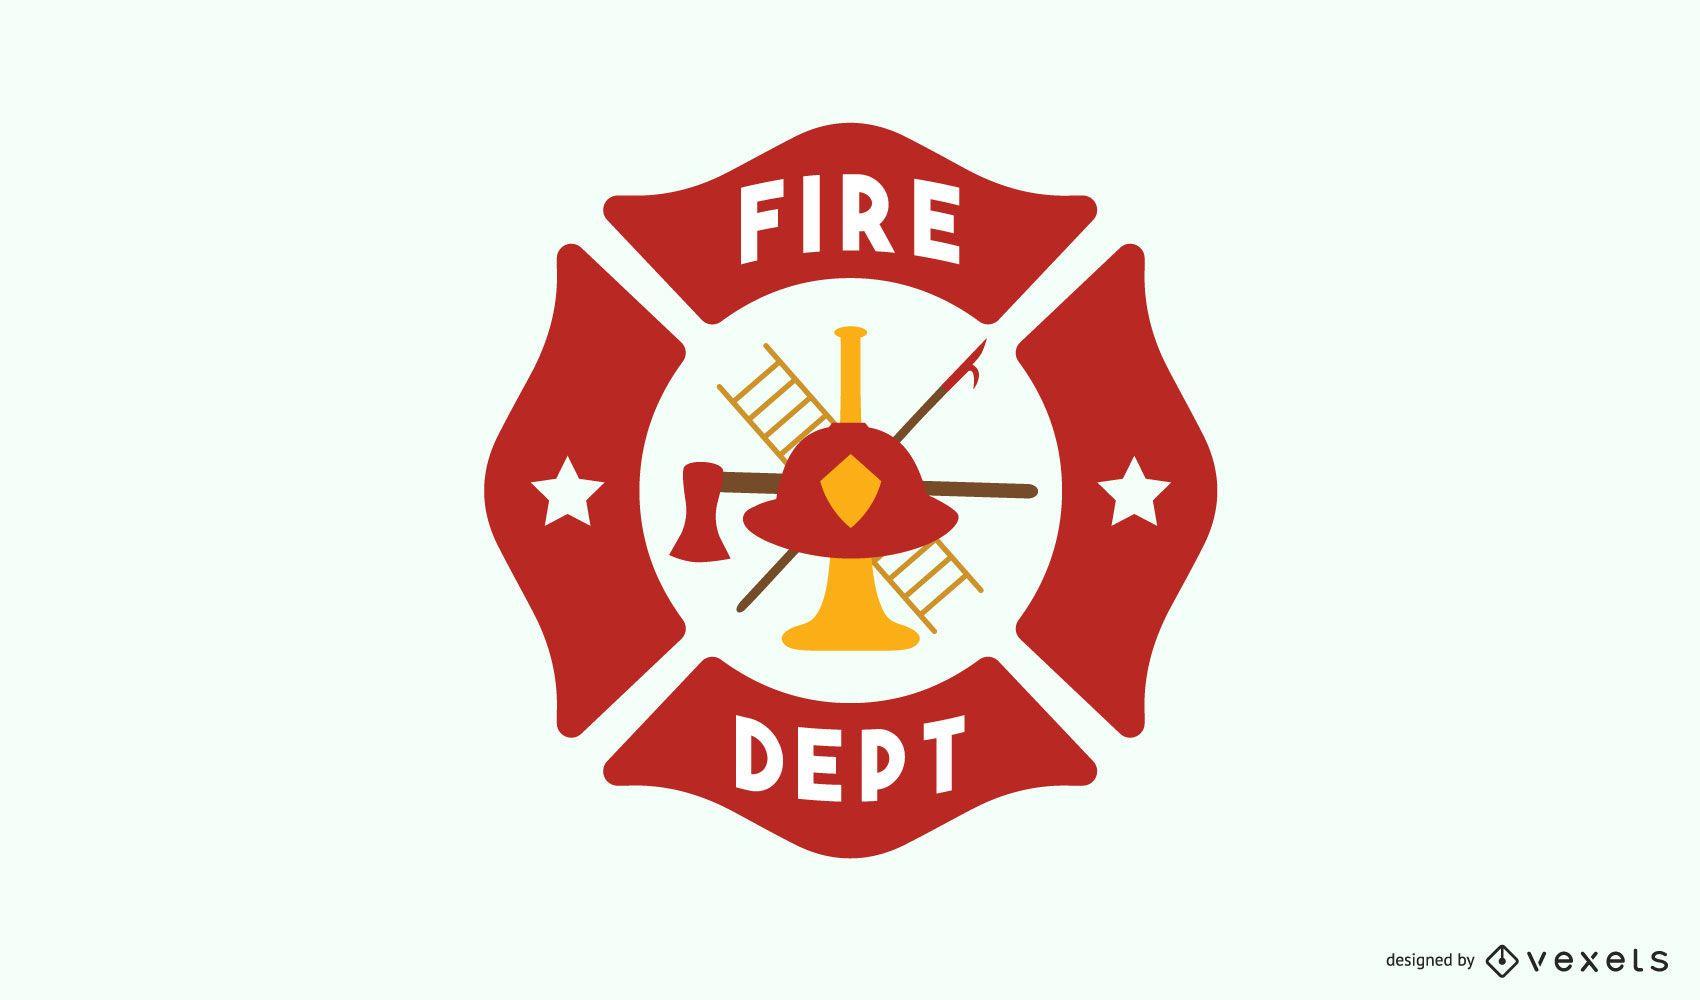 Firehouse logo design